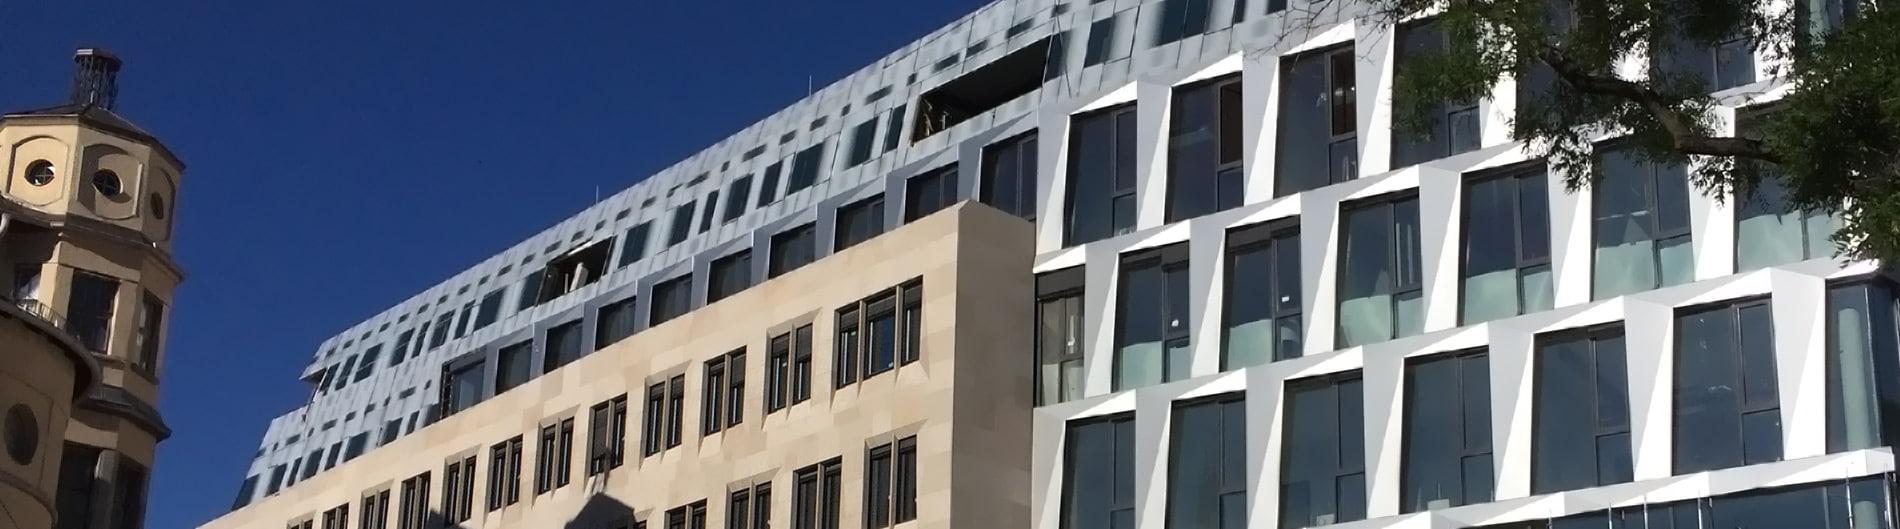 SGB Notare - Schneider Gruner Blochinger Notariat Stuttgart